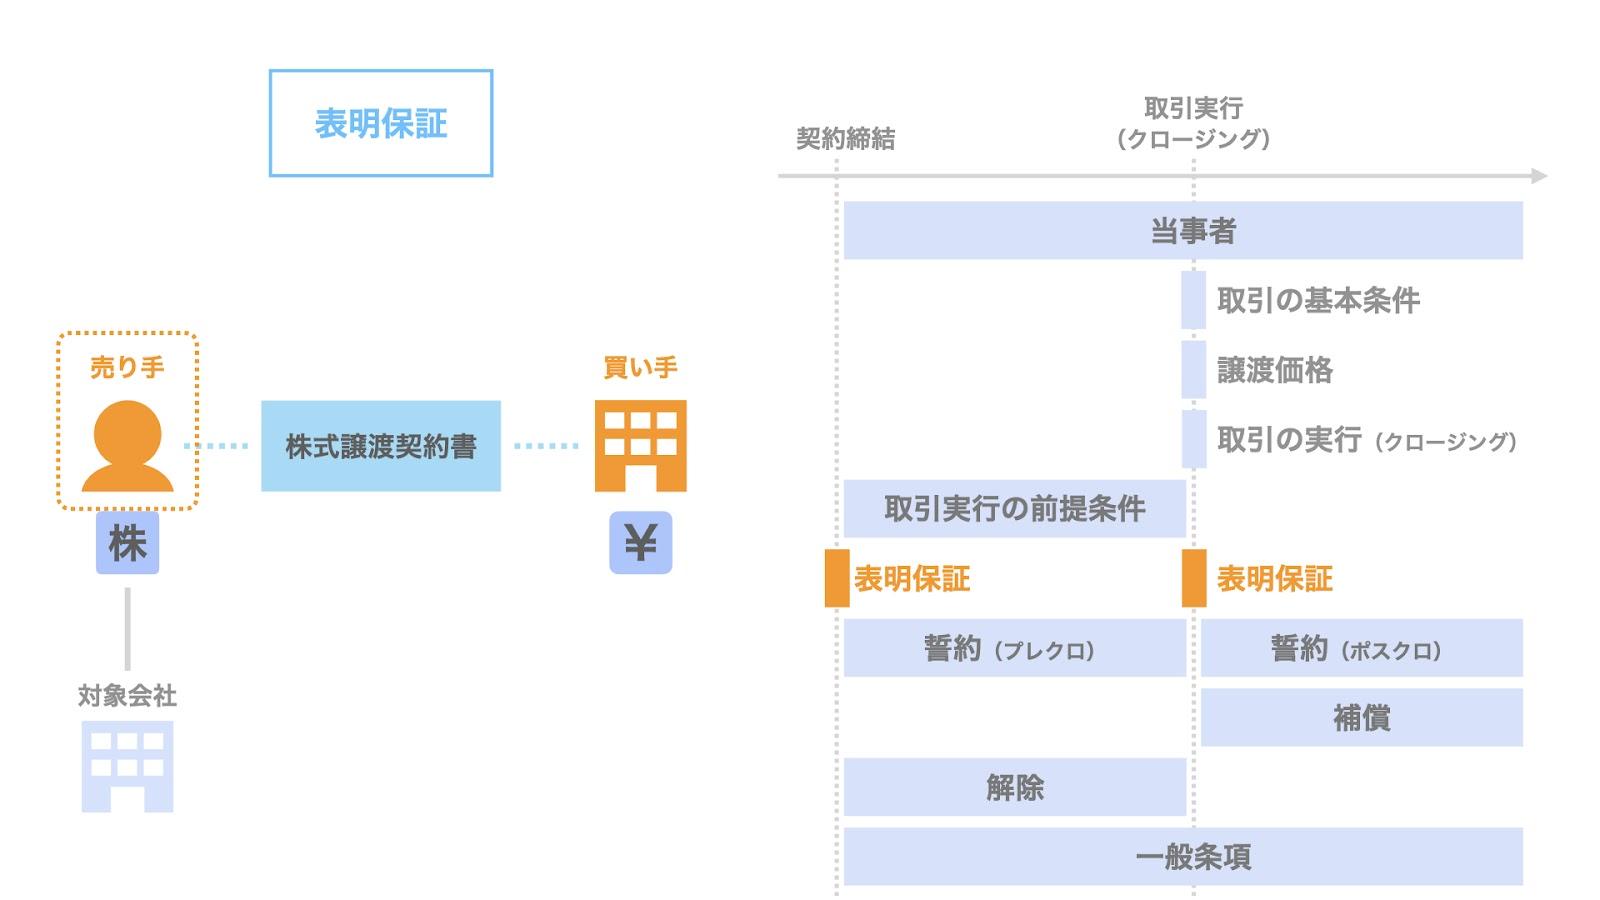 株式譲渡契約における表明保証